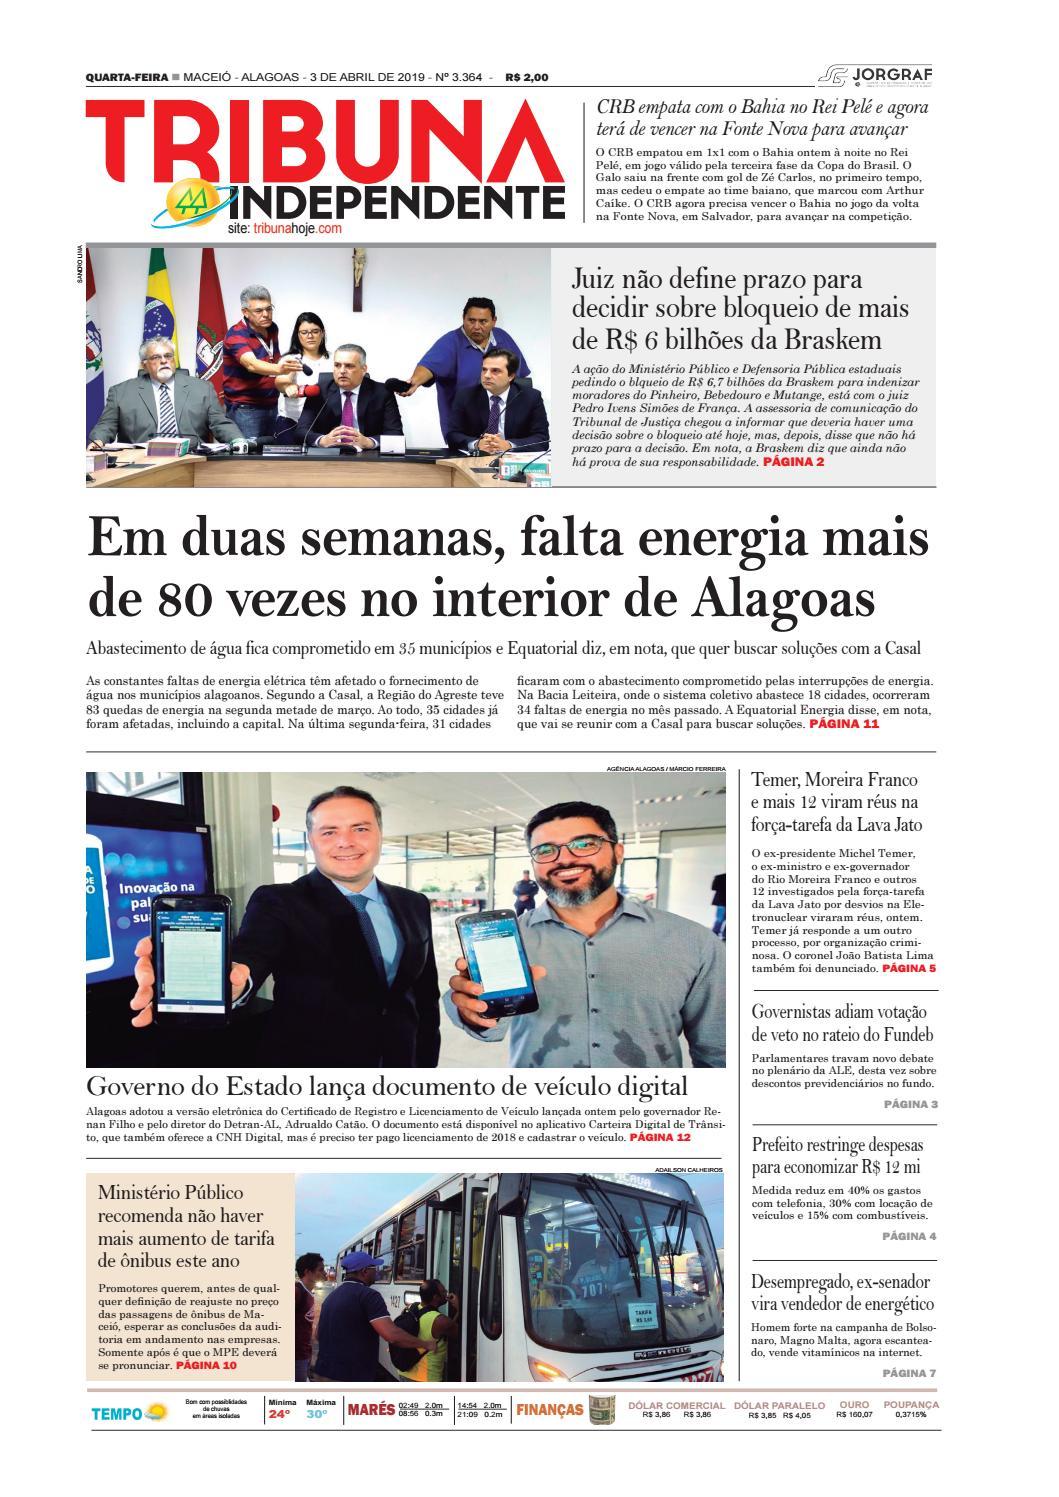 4cfba9c42 Edição número 3364 – 03 de abril de 2019 by Tribuna Hoje - issuu